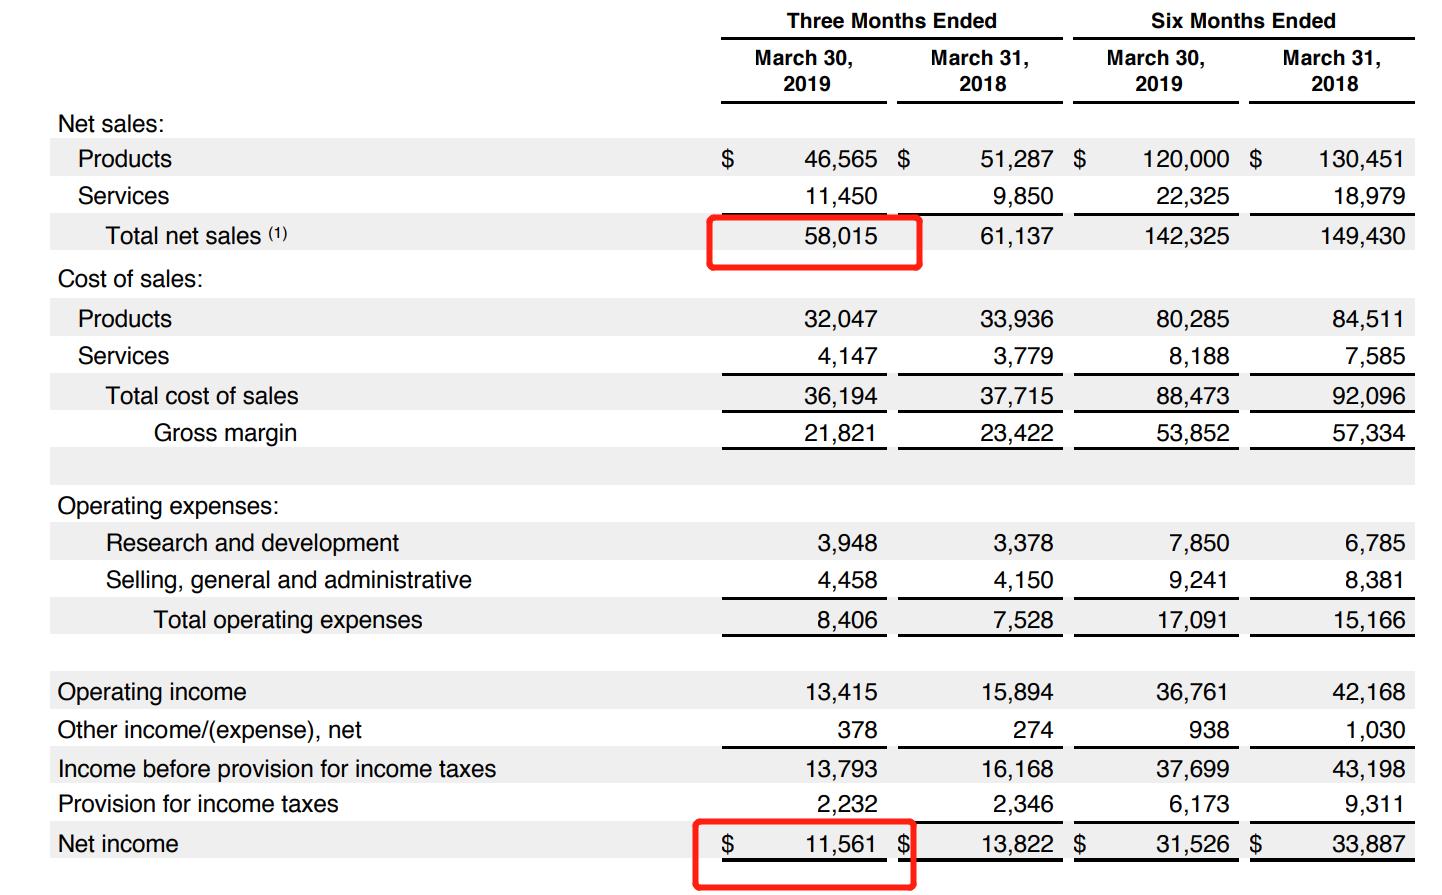 苹果最新财报颁布:利润大跌16%,中国市场遭遇重创